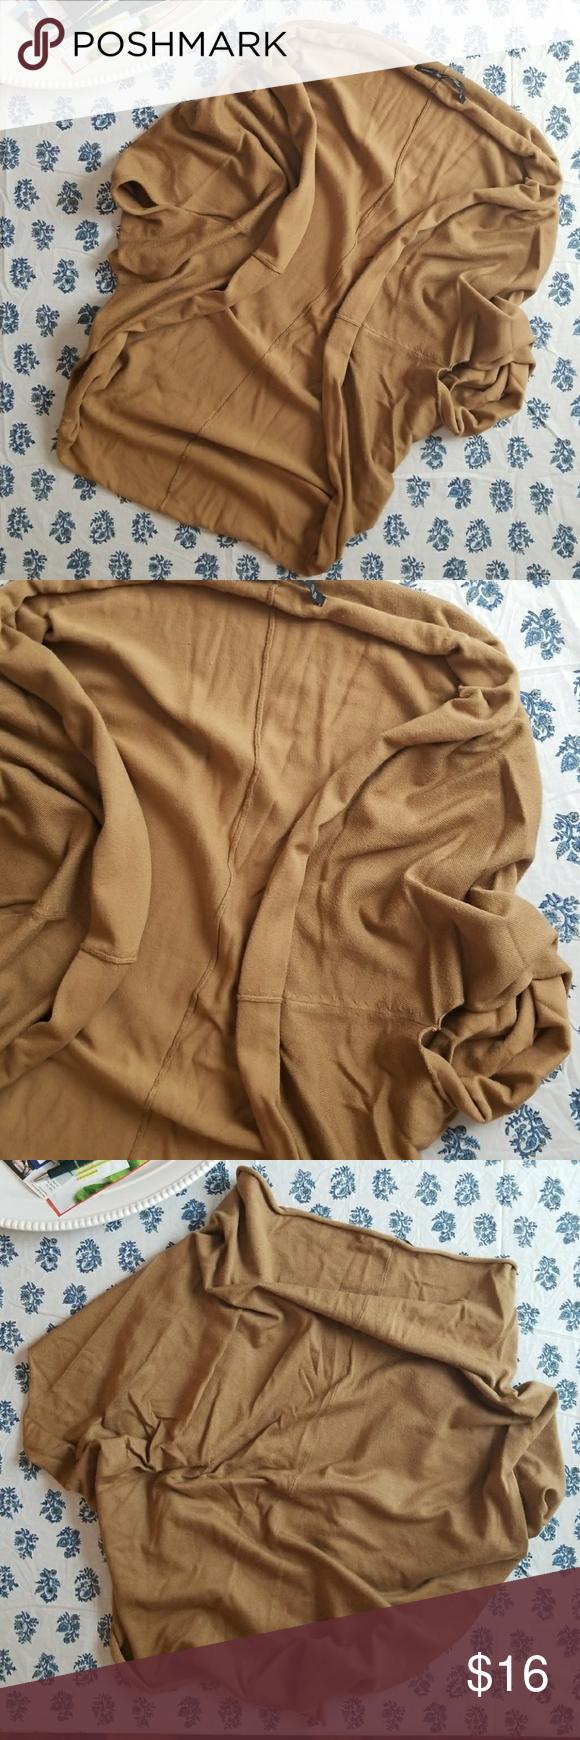 Zara Knit Shrug Sweater M Soft tan knit shrug. Some pilling ...